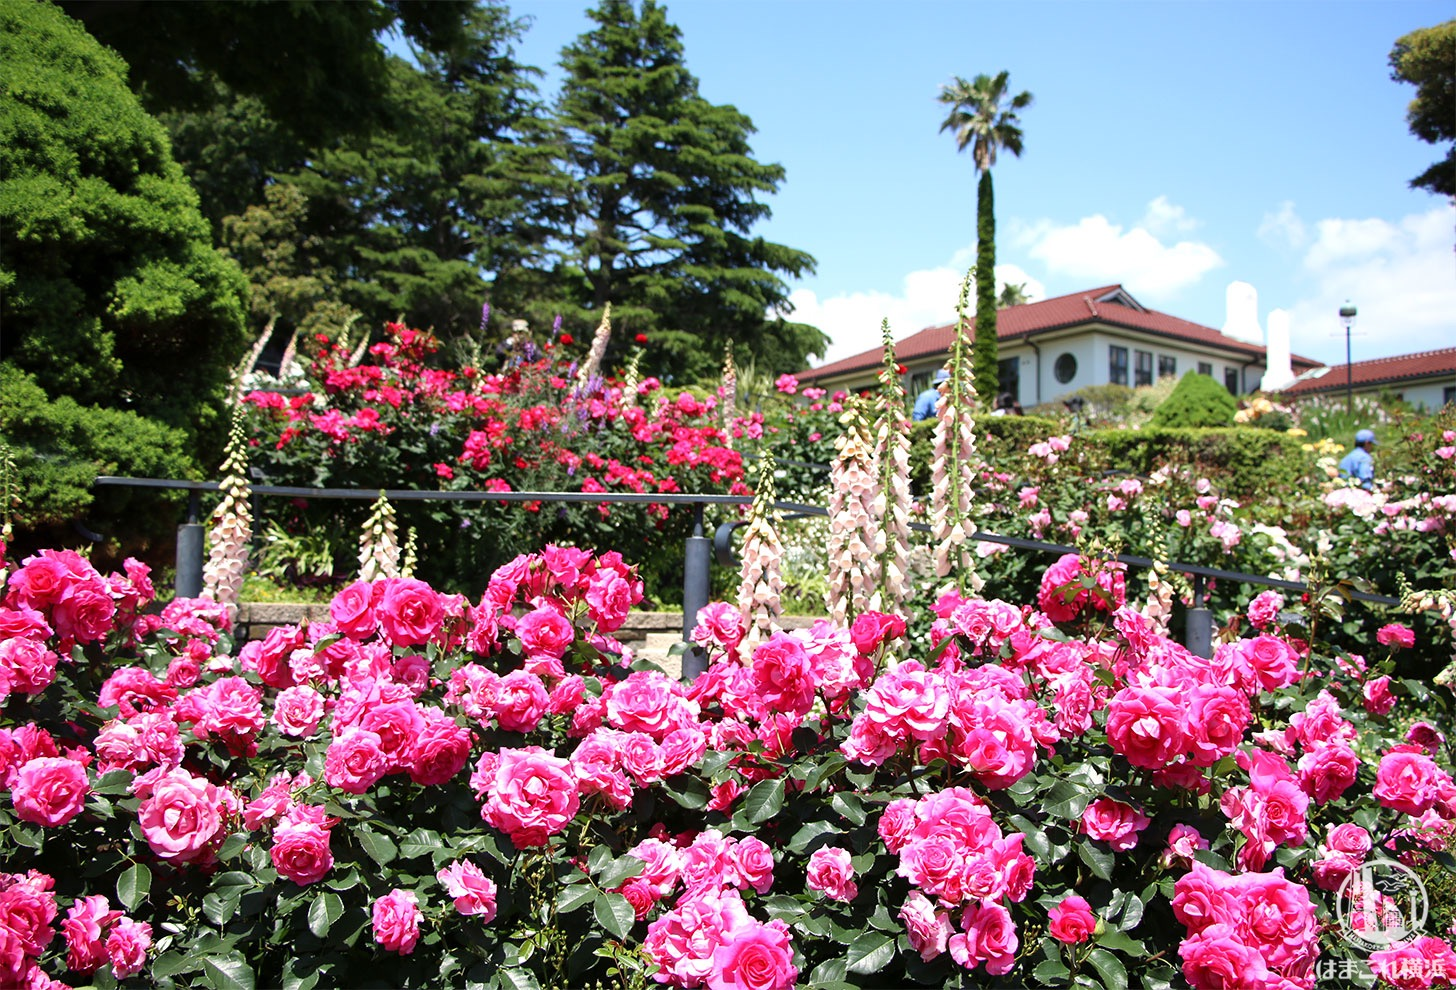 港の見える丘公園のバラが超見頃で濃密に楽しめた!山手散策人気スポット